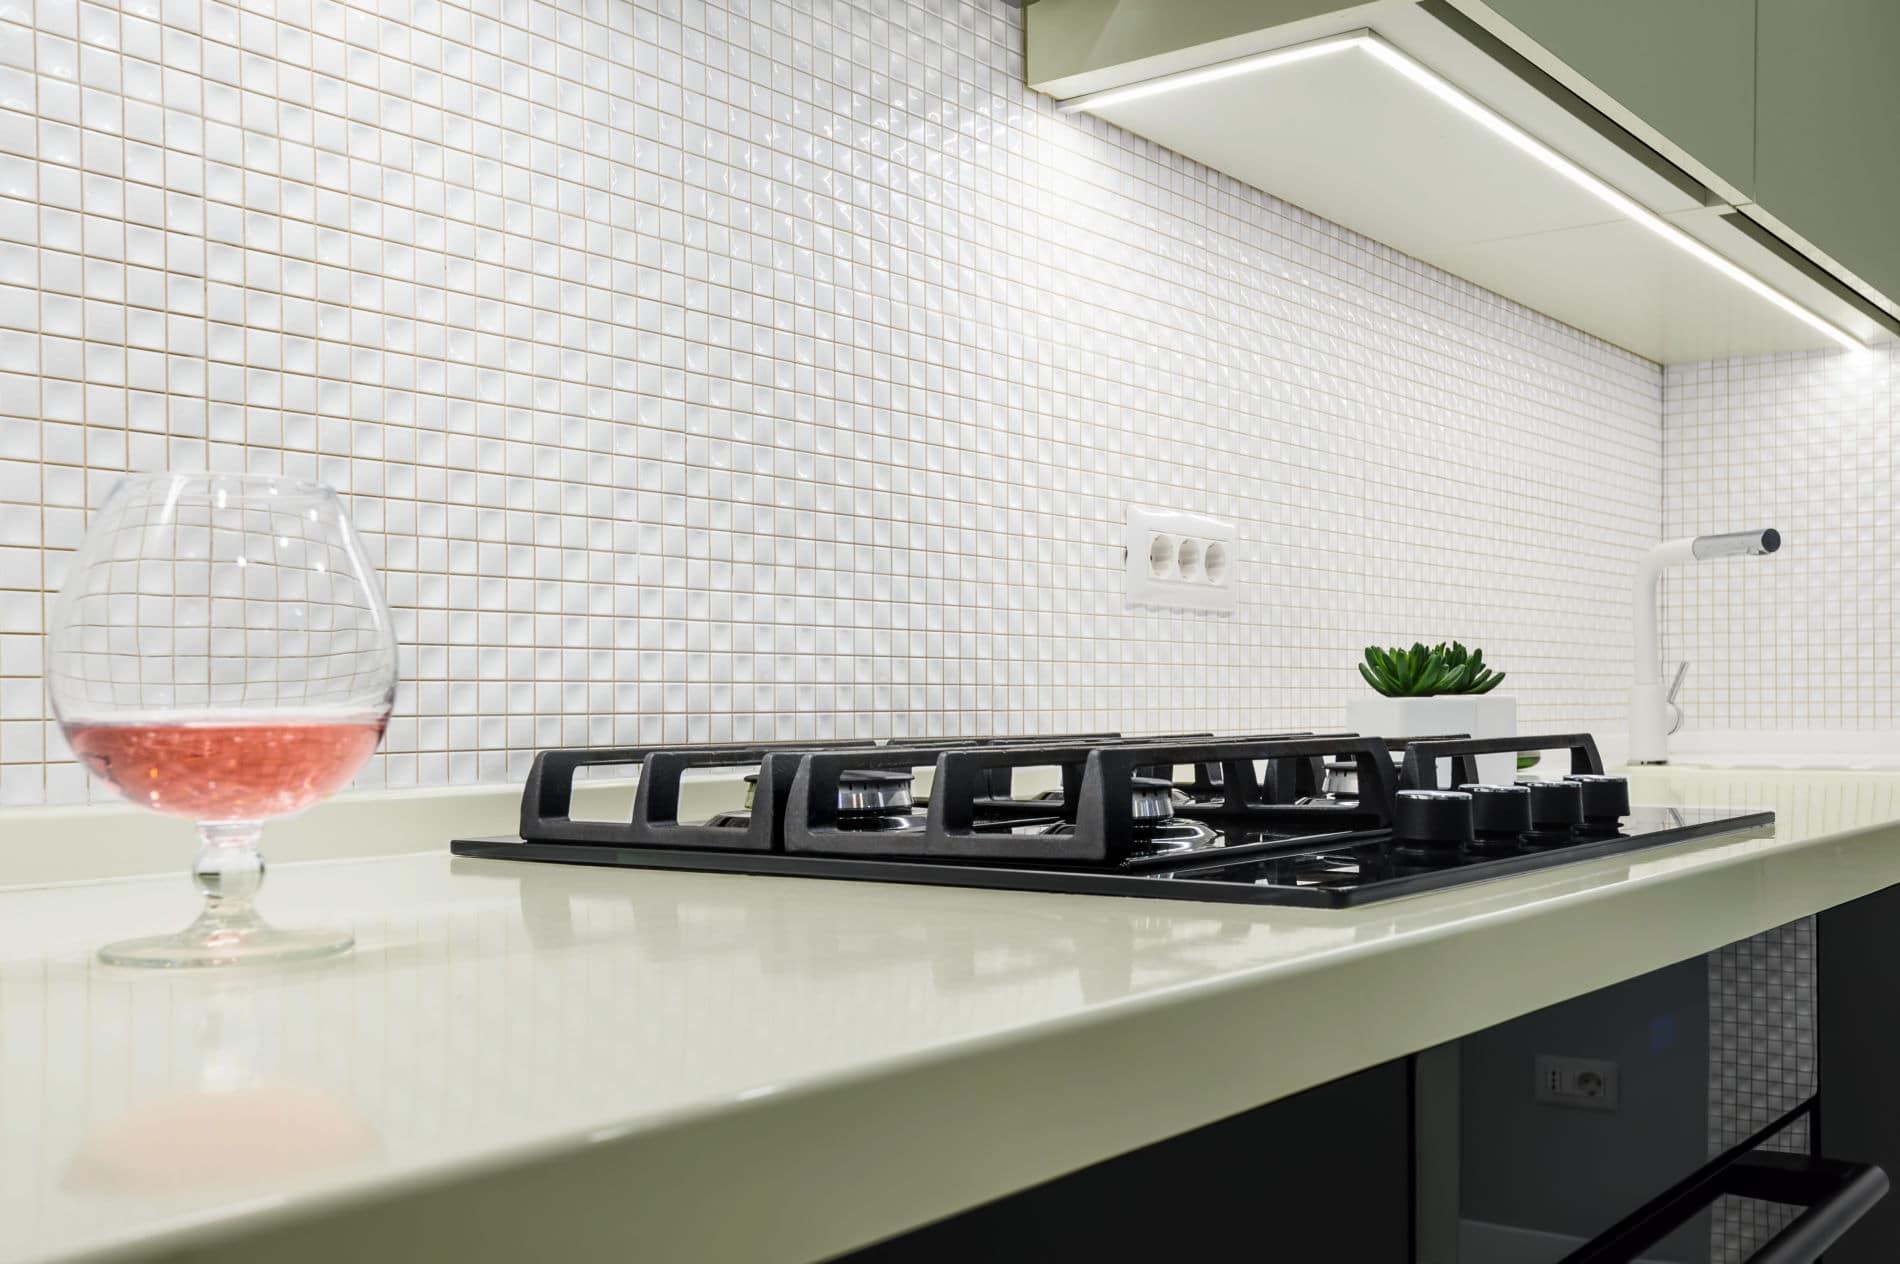 עיצוב מטבחים בהתאמההחברות מיומנים ומומחים עם הרבה ידע בתחום השירות ואספקת מטבחים שיודעים להתאים לכל לקוח מטבחים מתאימים תוך כדי שימוש בחומרים מעולים